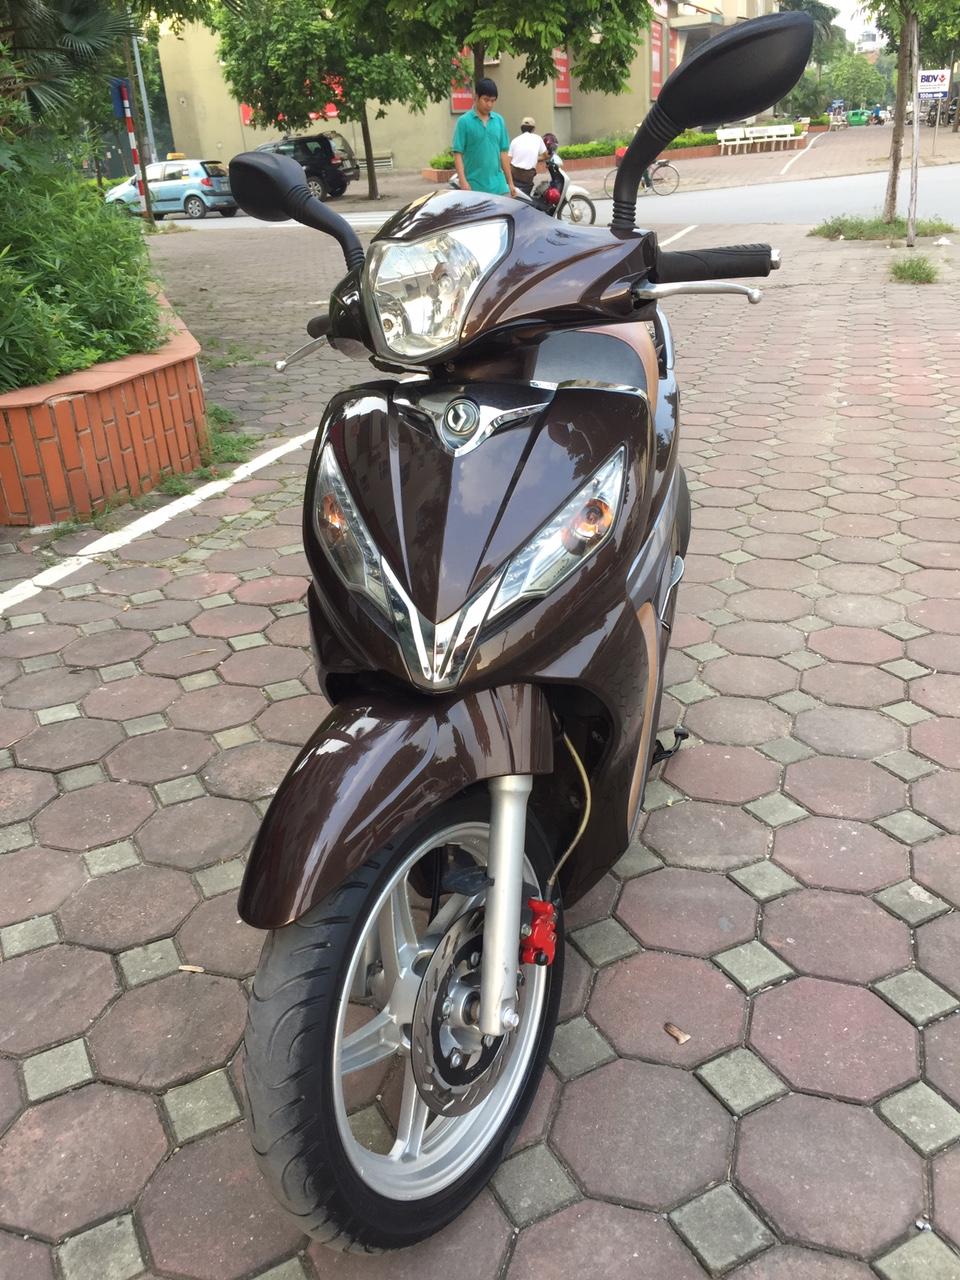 Rao ban Shark 125 nau 2011 kieu dang Sh con rat moi chinh chu su dung nguyen ban - 5